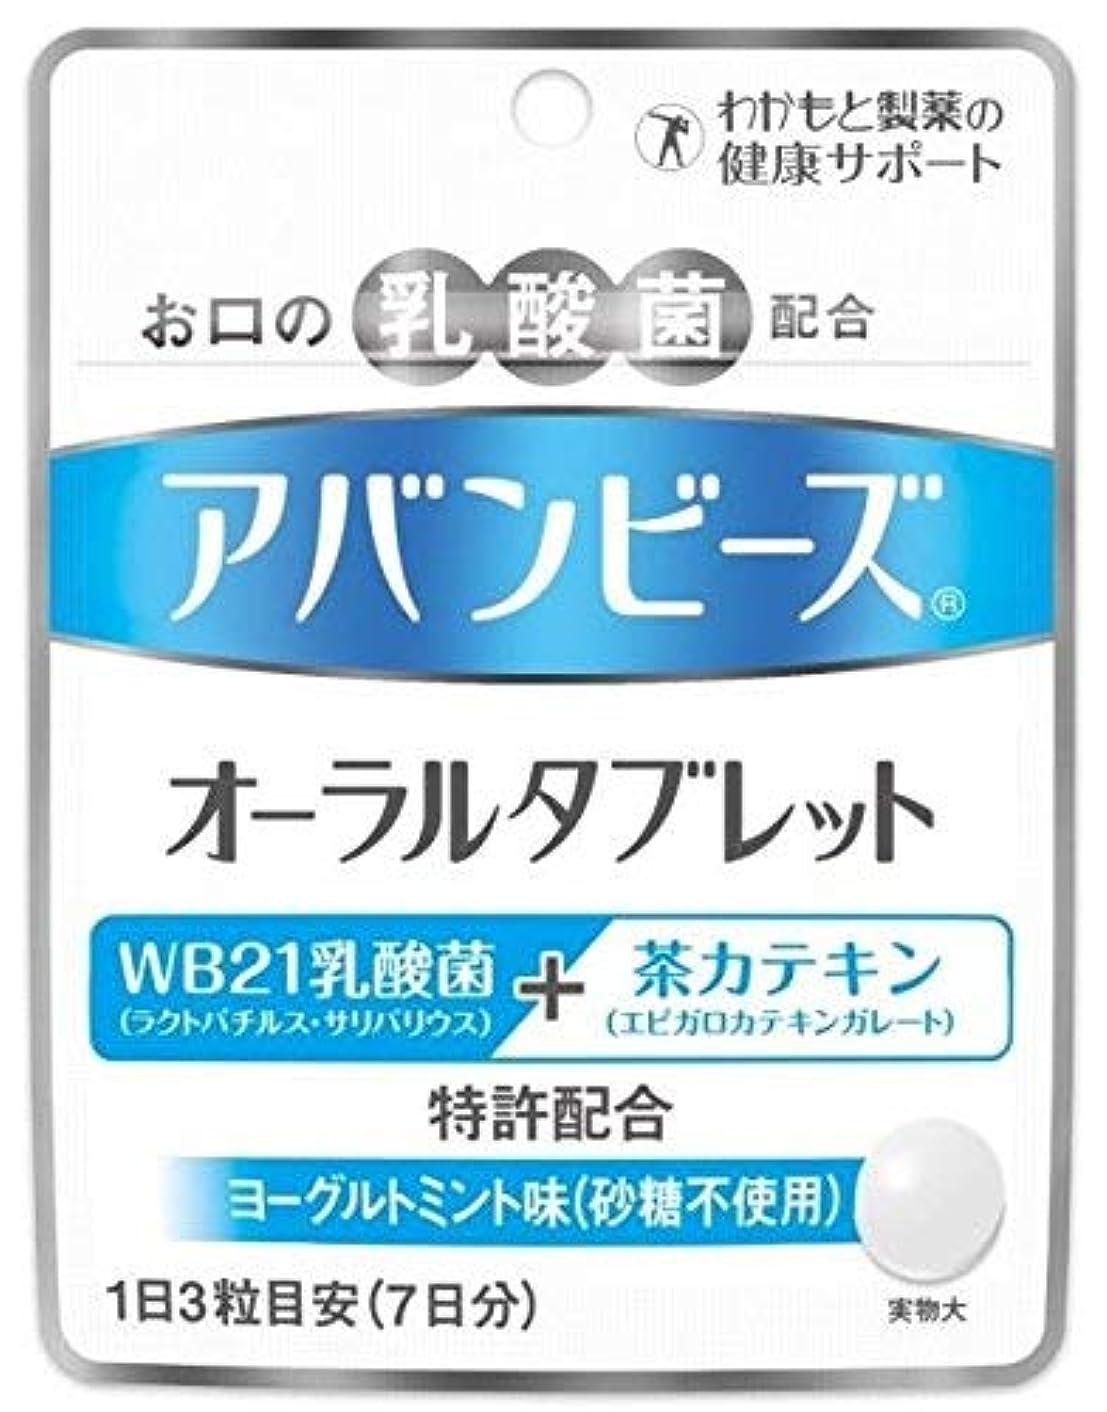 アバンビーズ オーラルタブレット 7日分(21粒入)×10個セット